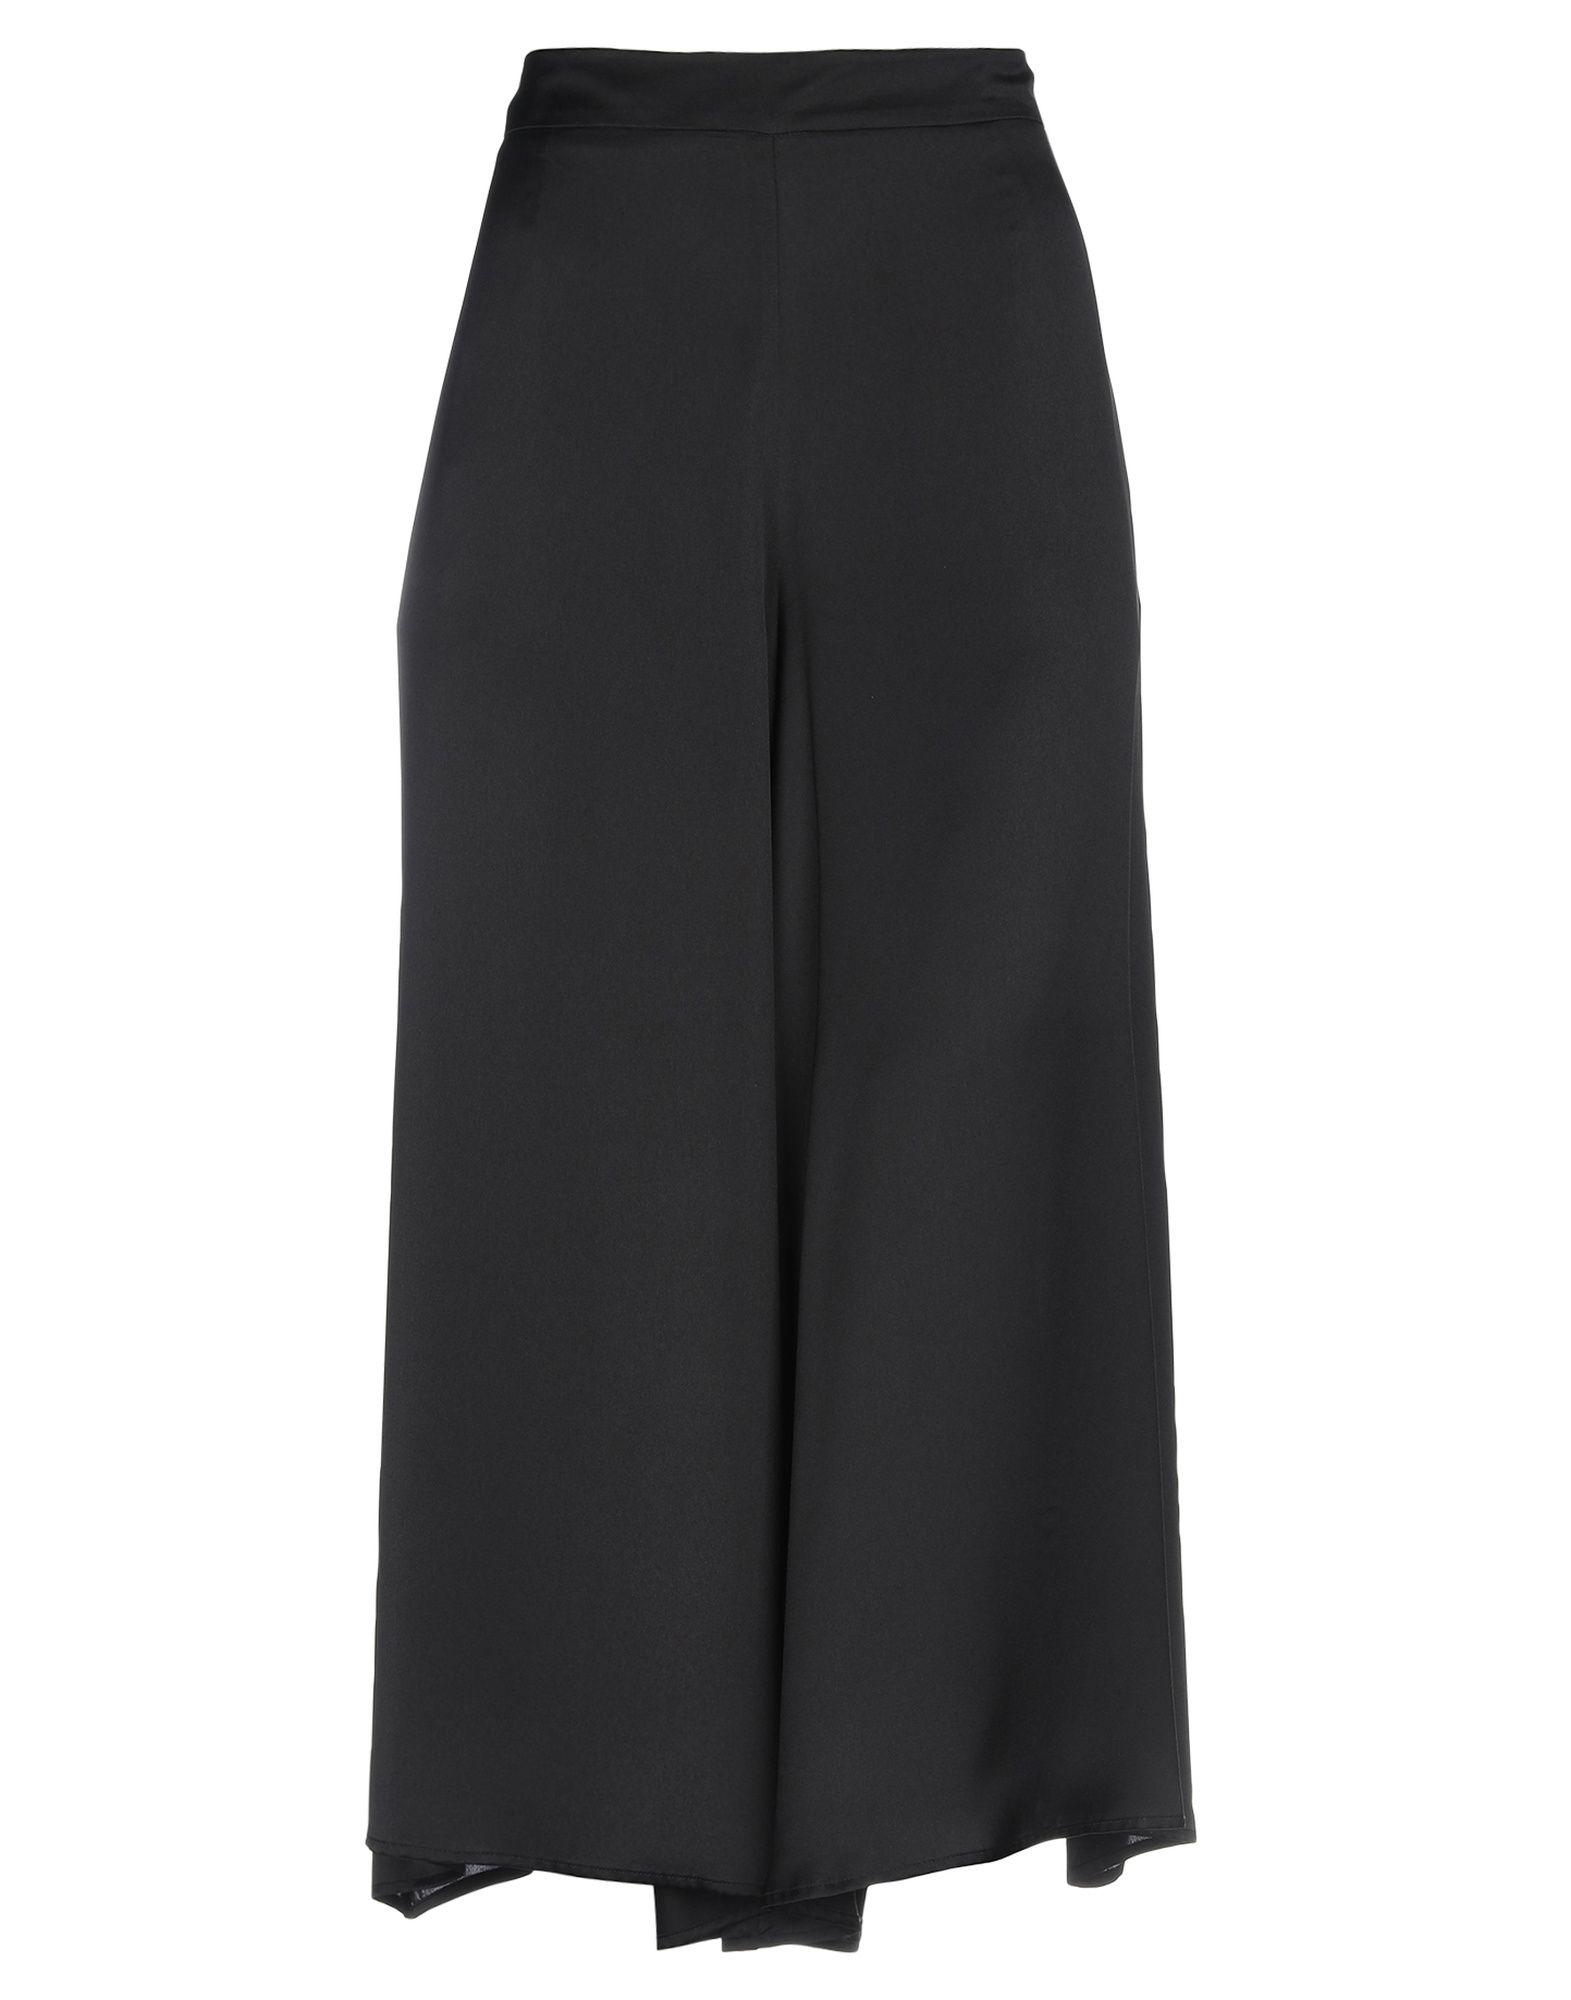 《期間限定セール中》ANNA RACHELE BLACK LABEL レディース パンツ ブラック 48 ポリエステル 100%